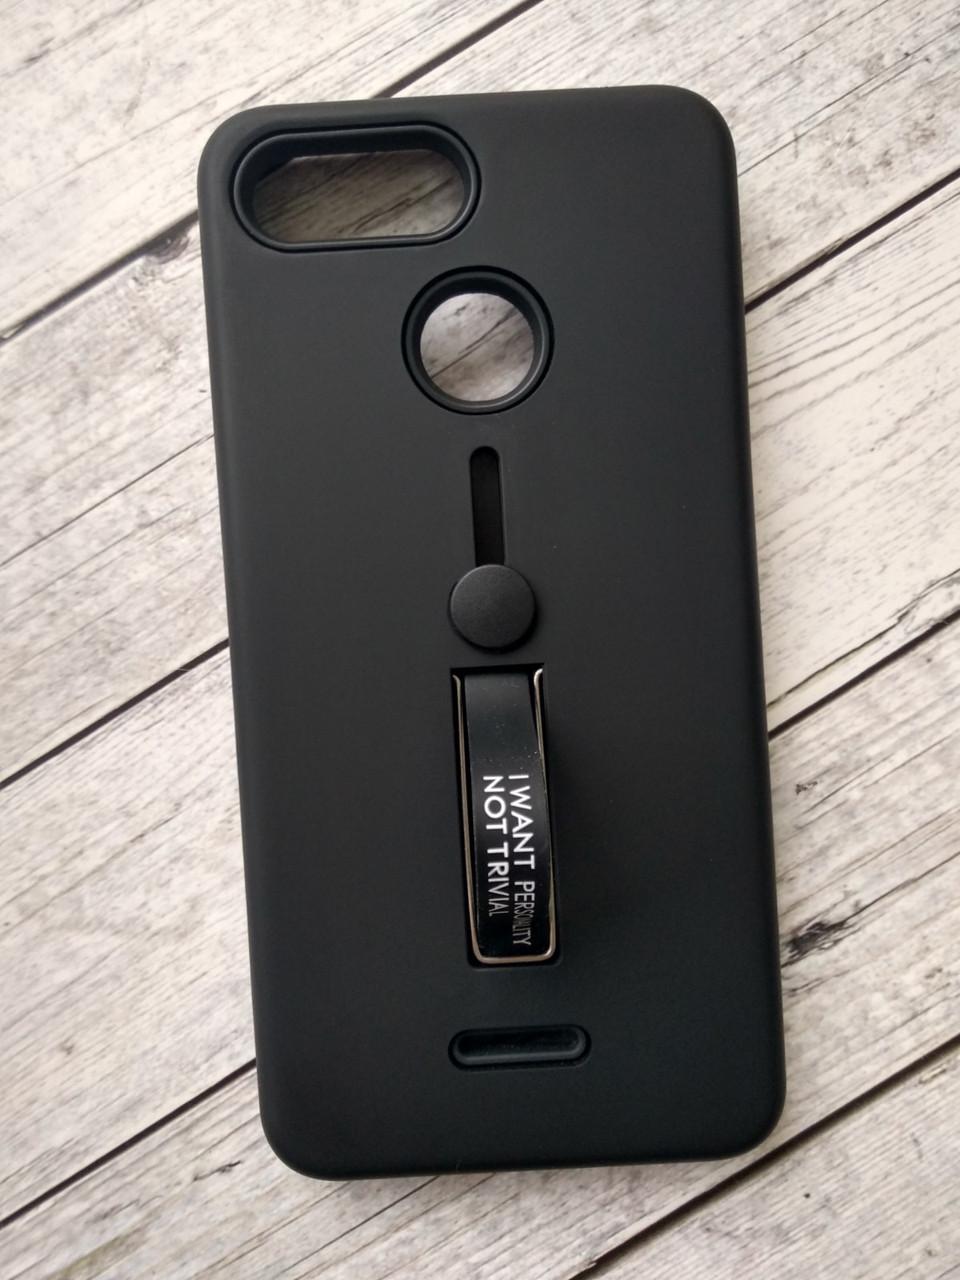 Чехол Xiaomi Redmi 6Pro/Mi A2 Lite Silicone + Plastic Finger Ring Stand black